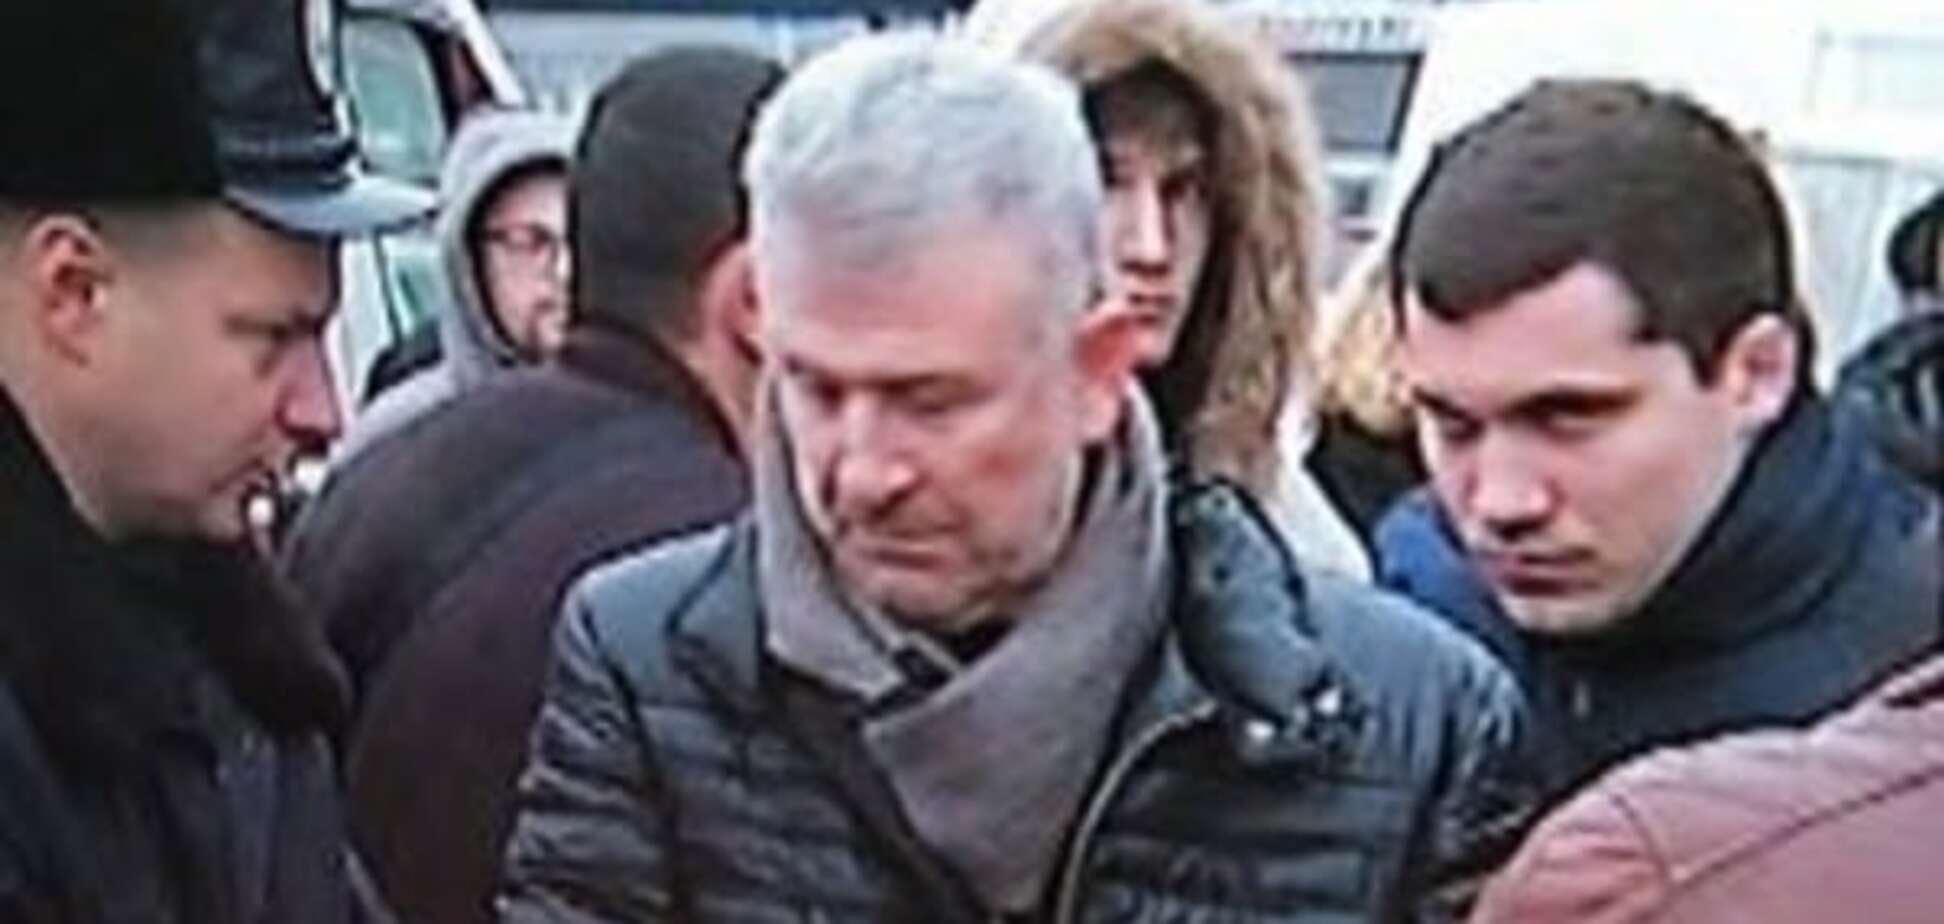 Смертельное ДТП в Киеве: отец мажора приезжал на место трагедии 'решать вопросы'. Фотофакт